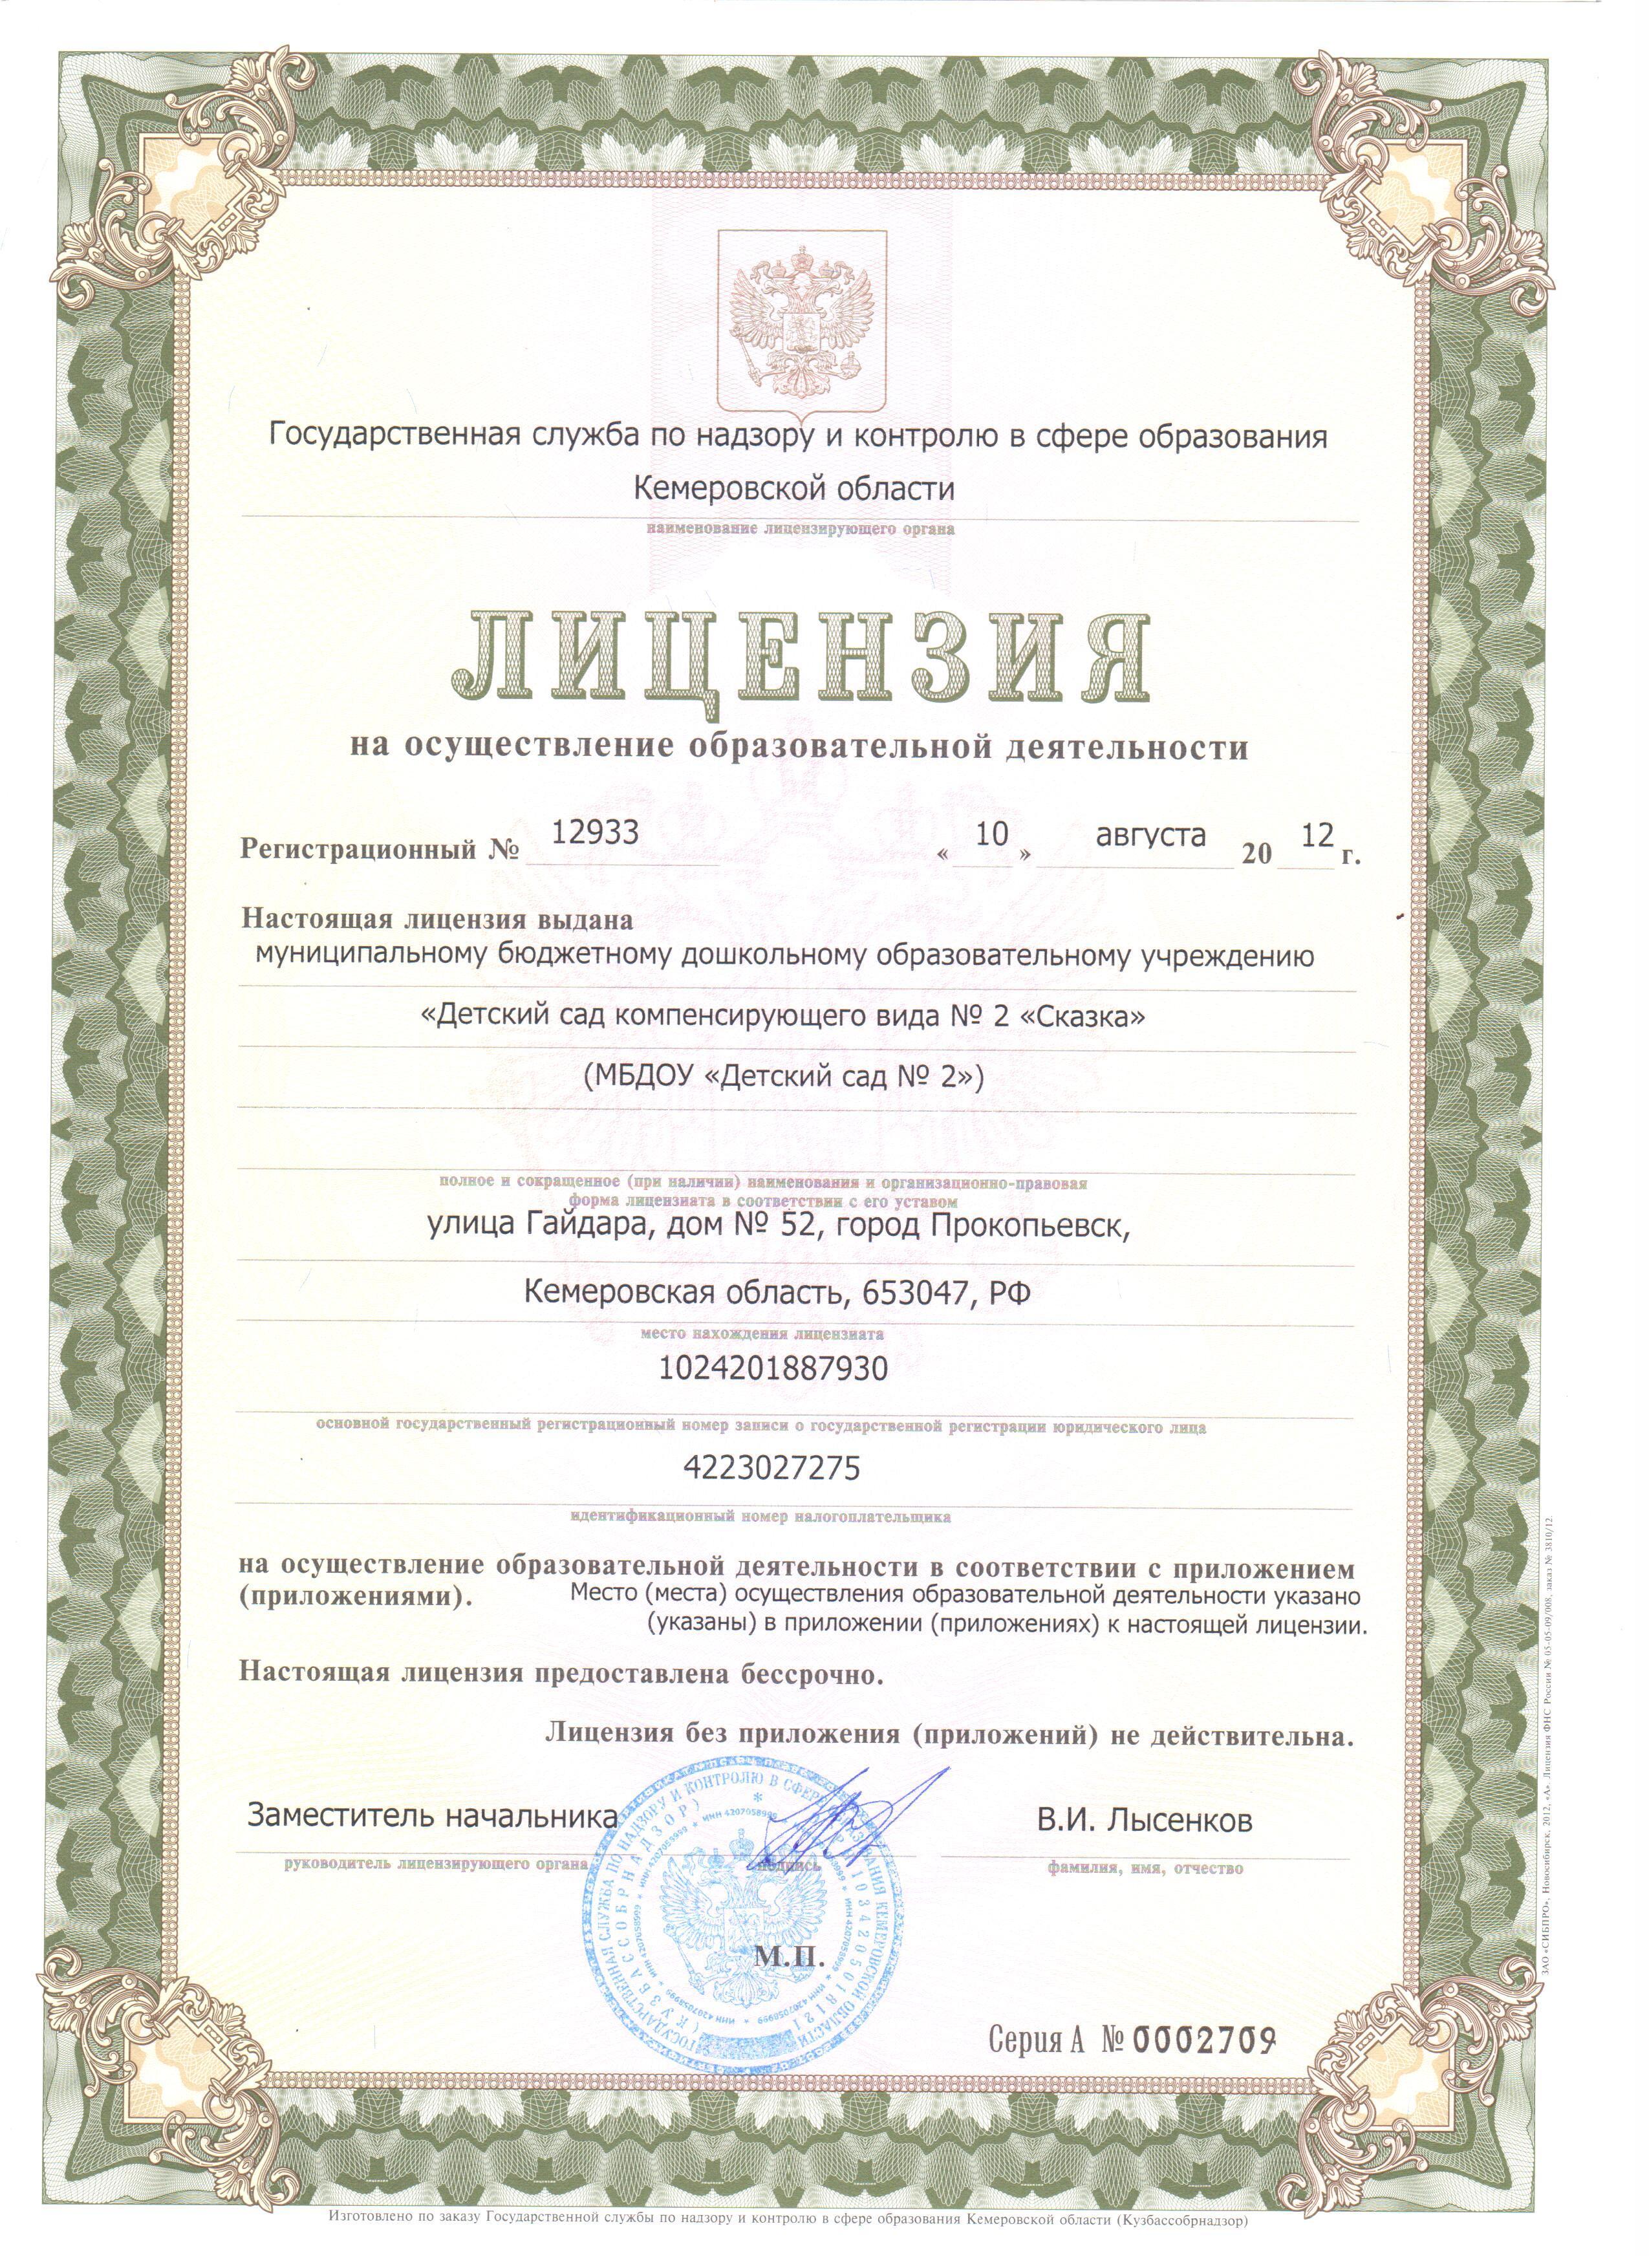 рыбаков академия права саратов